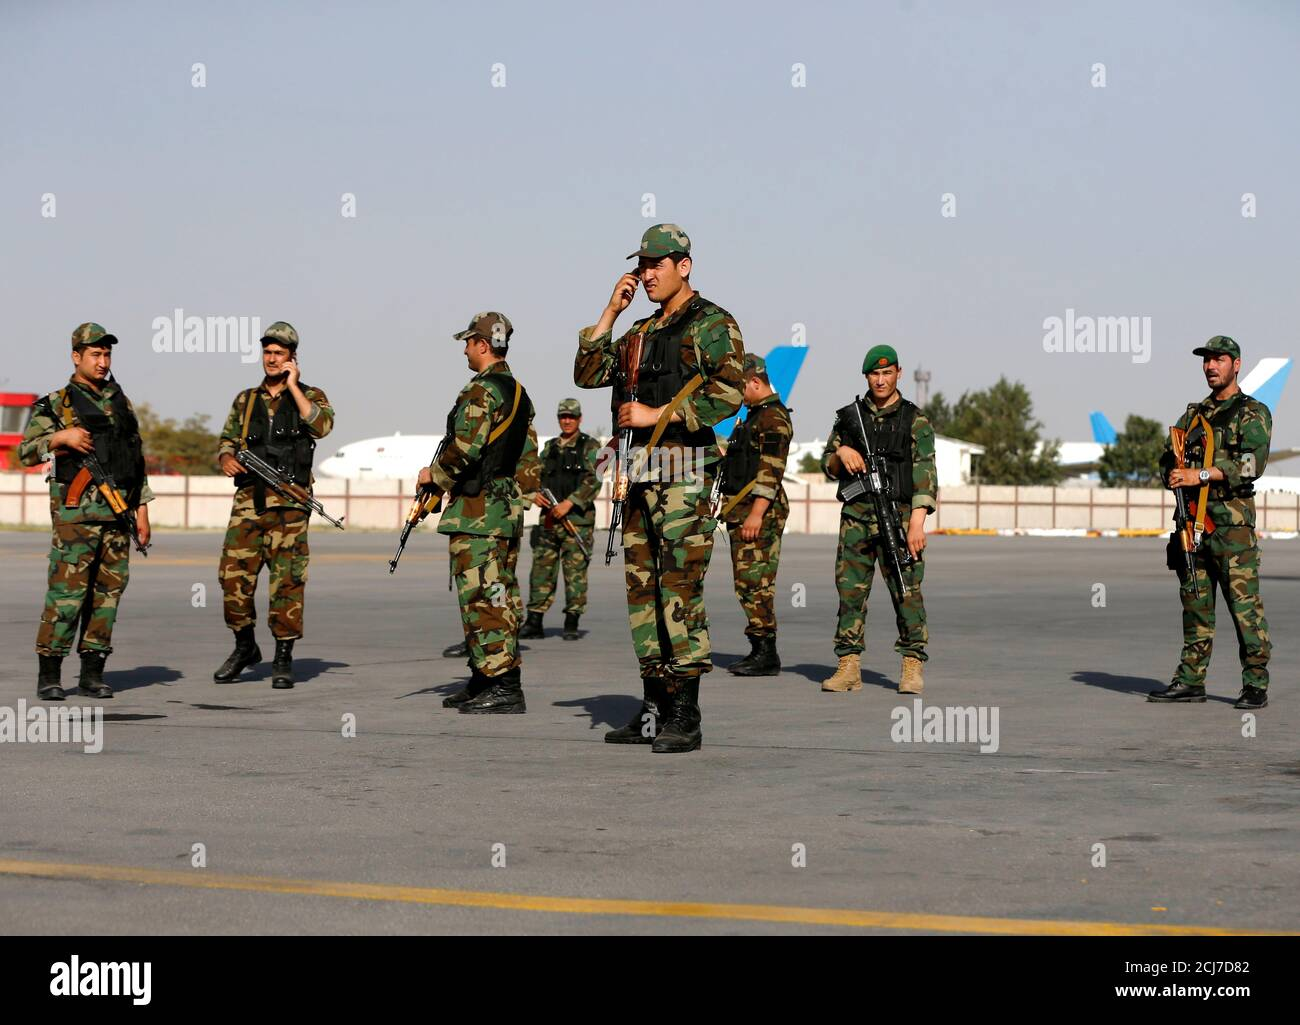 Les gardes de sécurité du vice-président afghan Abdul Rashid Dostum attendent son arrivée à l'aéroport international Hamid Karzaï de Kaboul, Afghanistan, le 22 juillet 2018.REUTERS/Omar Sobhani Banque D'Images